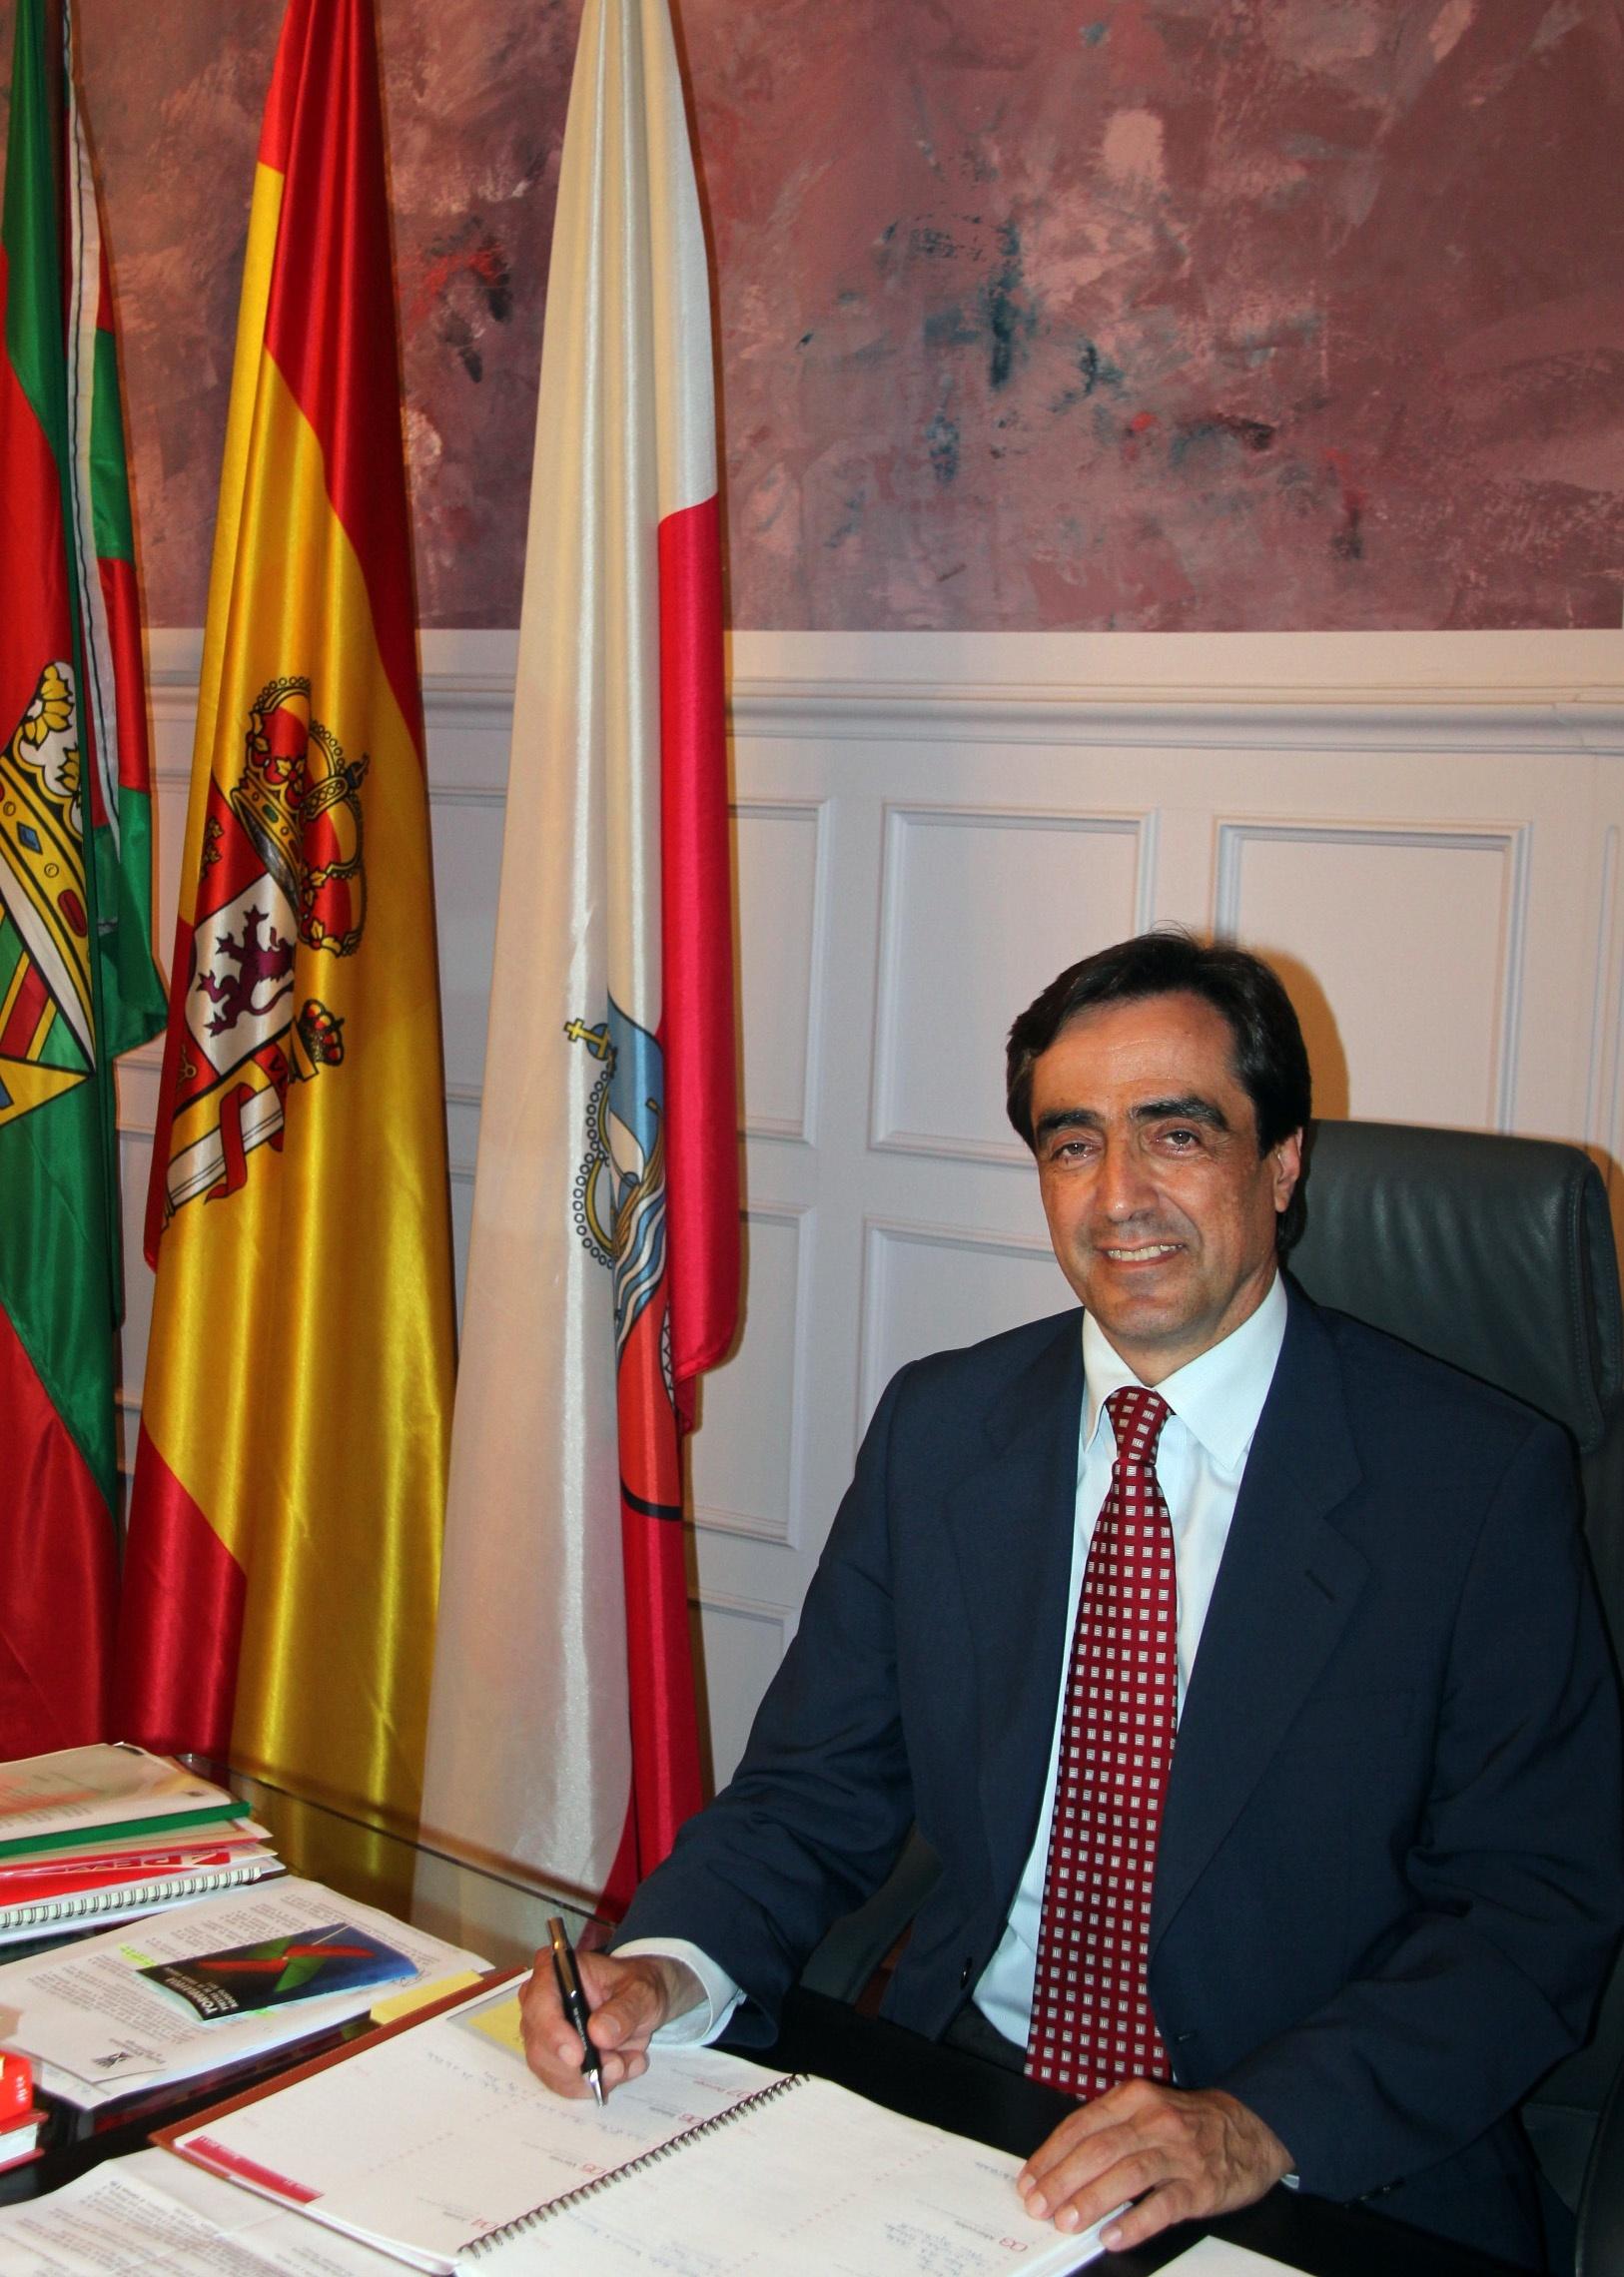 El Ayuntamiento suscribe convenios de ayuda con ocho clubes deportivos por casi 127.000 euros